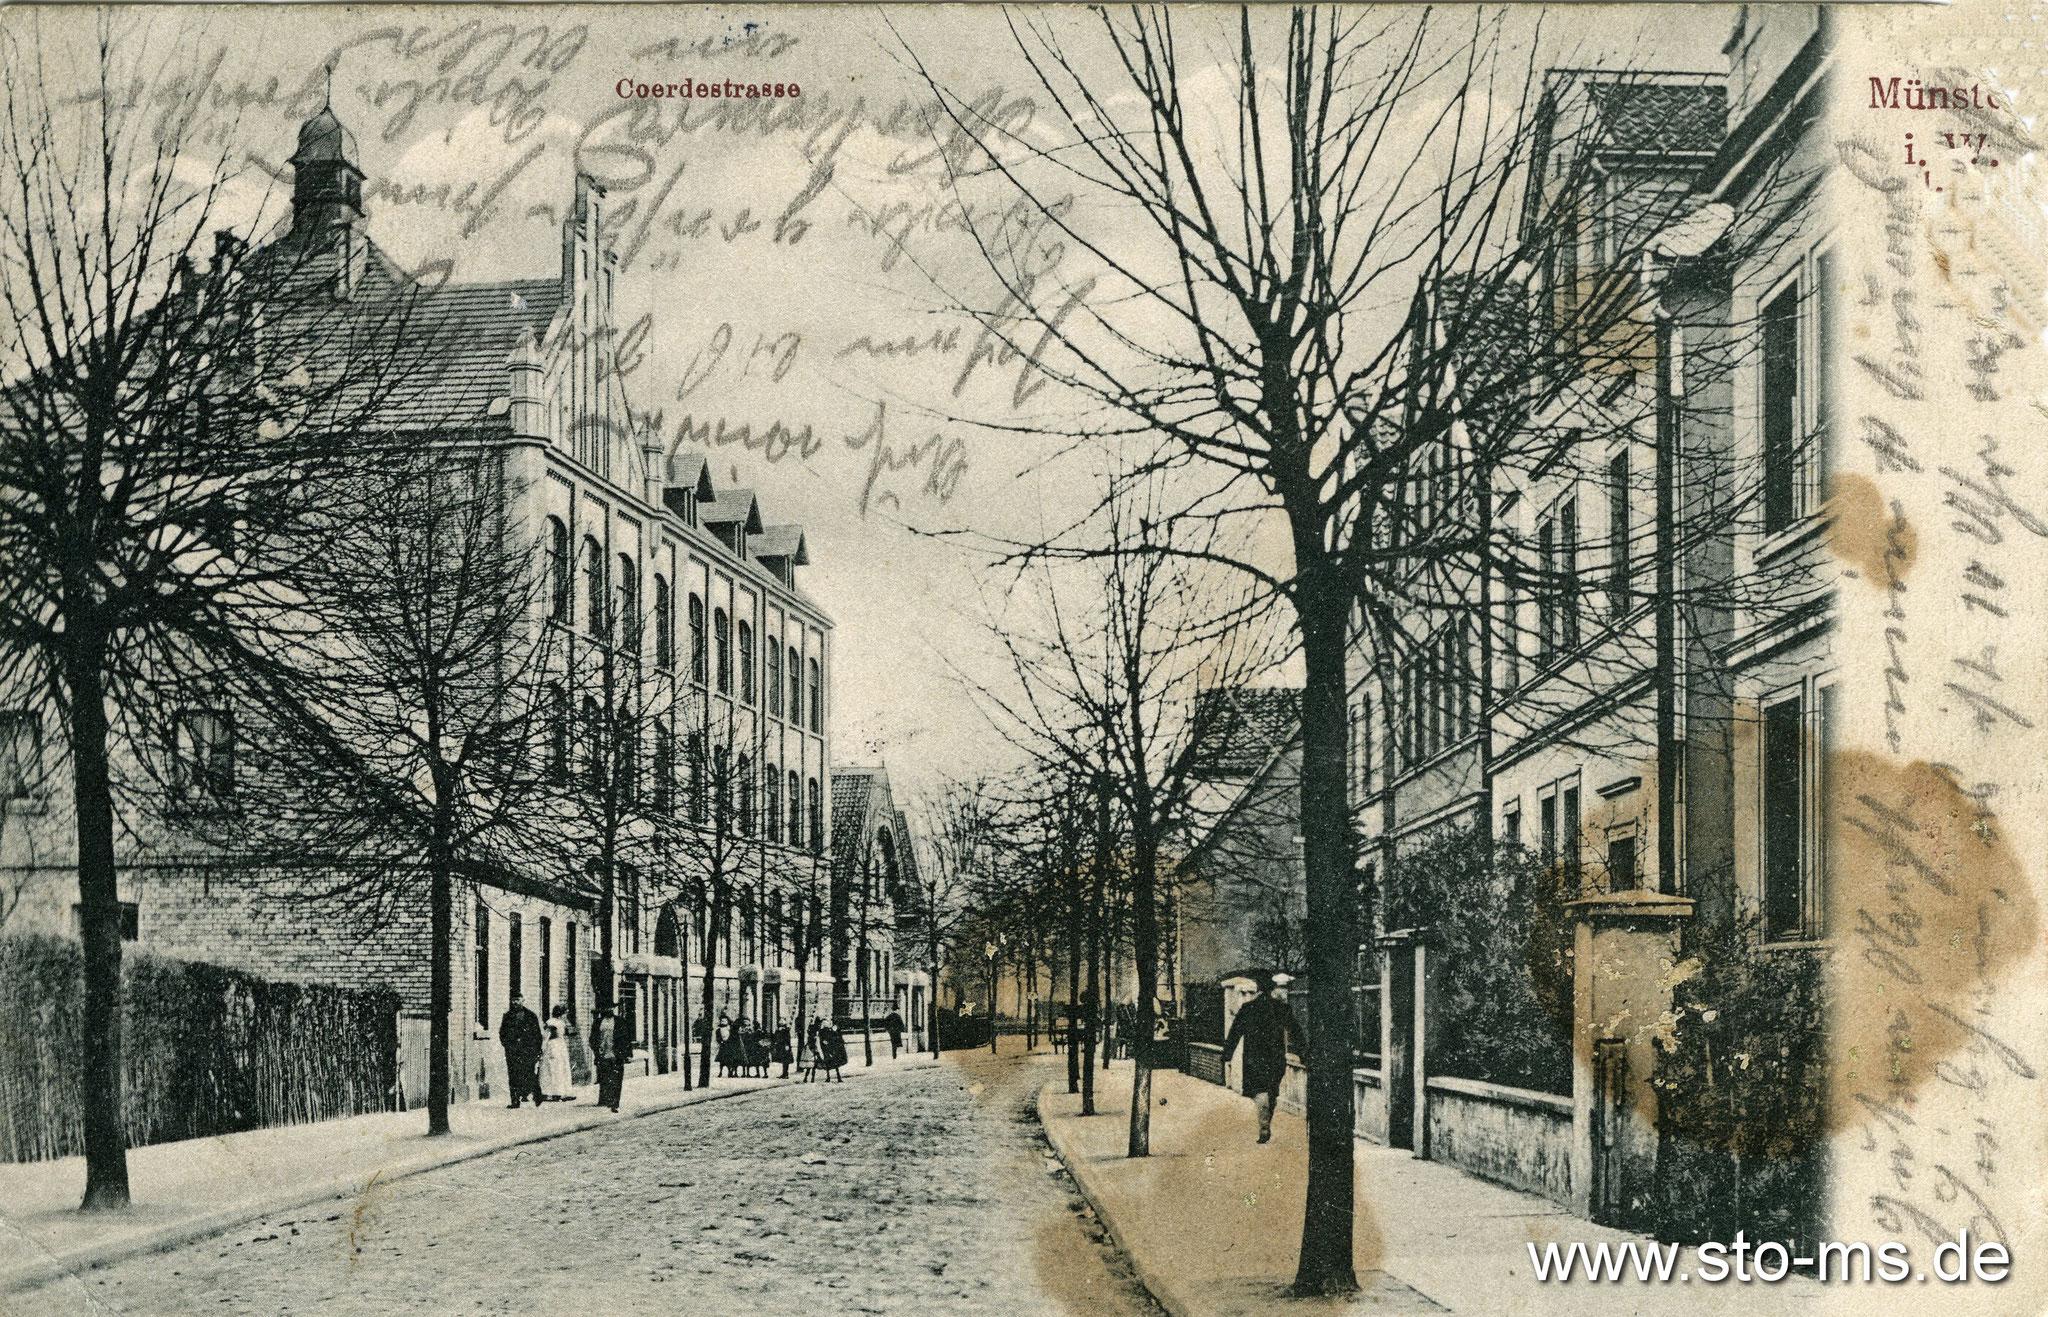 Coerdestraße